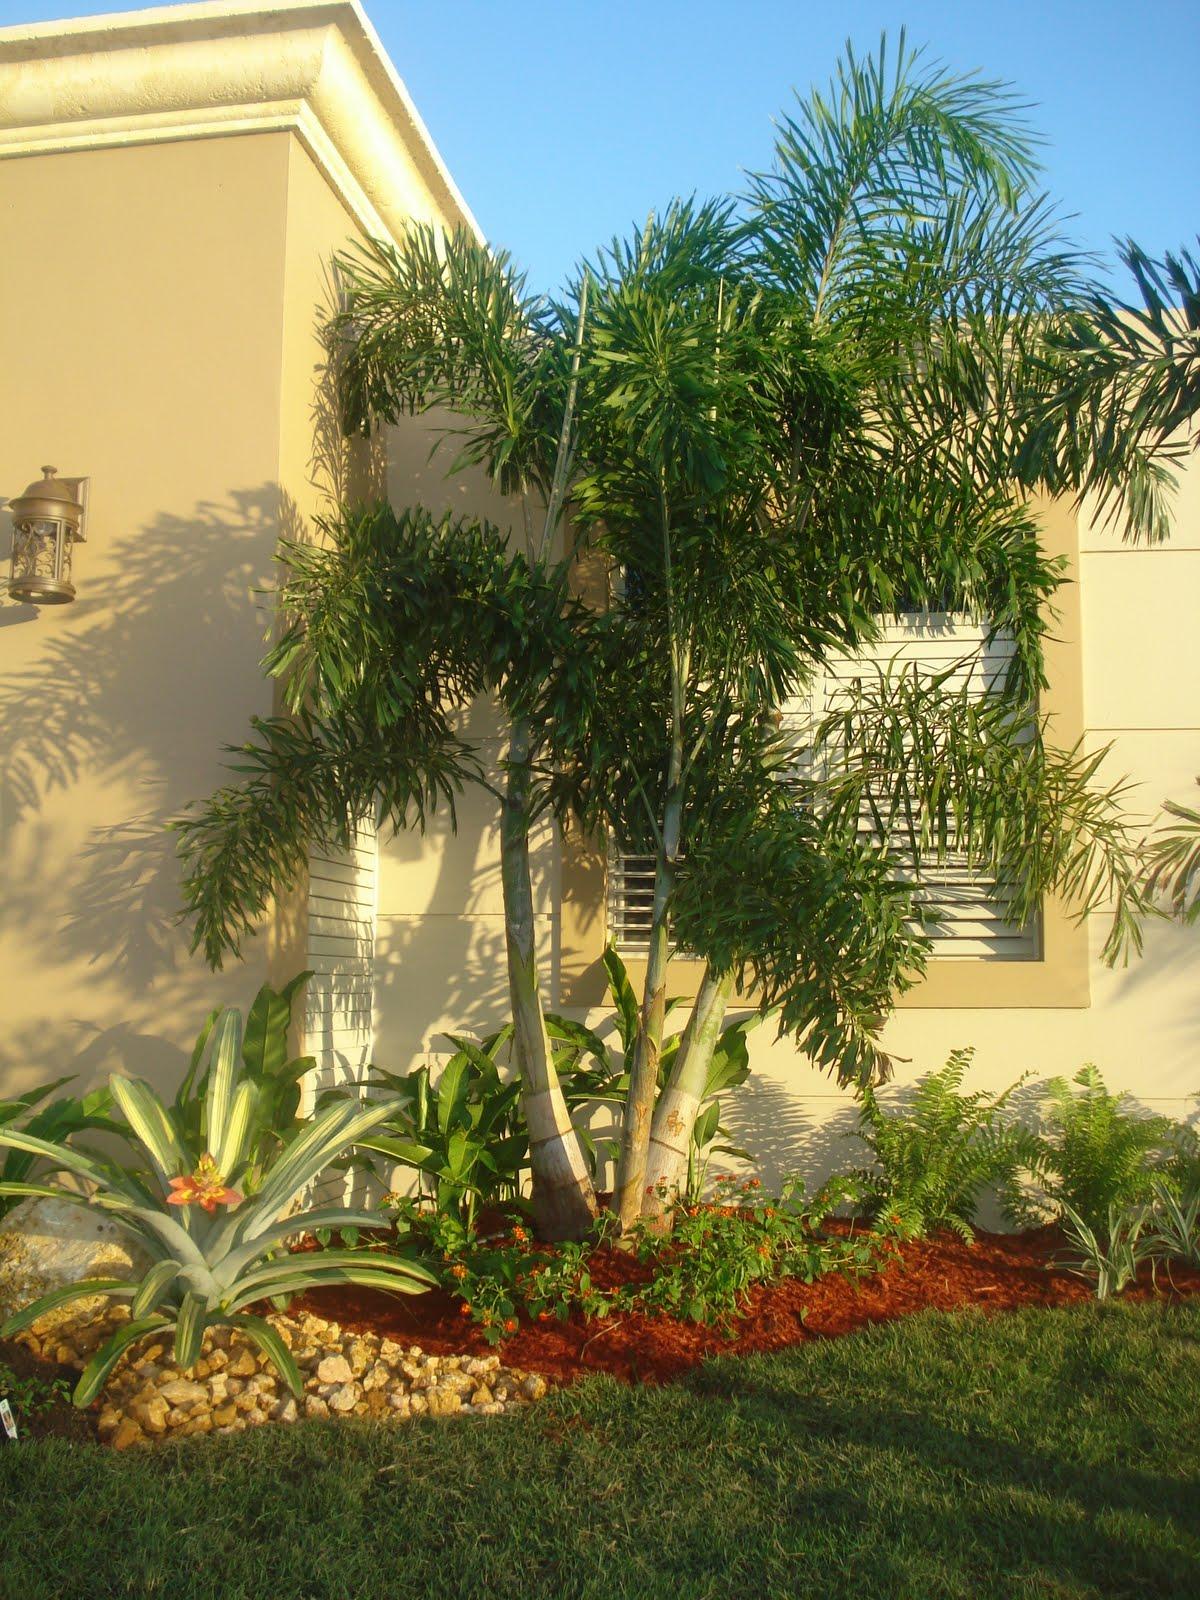 jardines de exterior en puerto rico higuaca jardineria